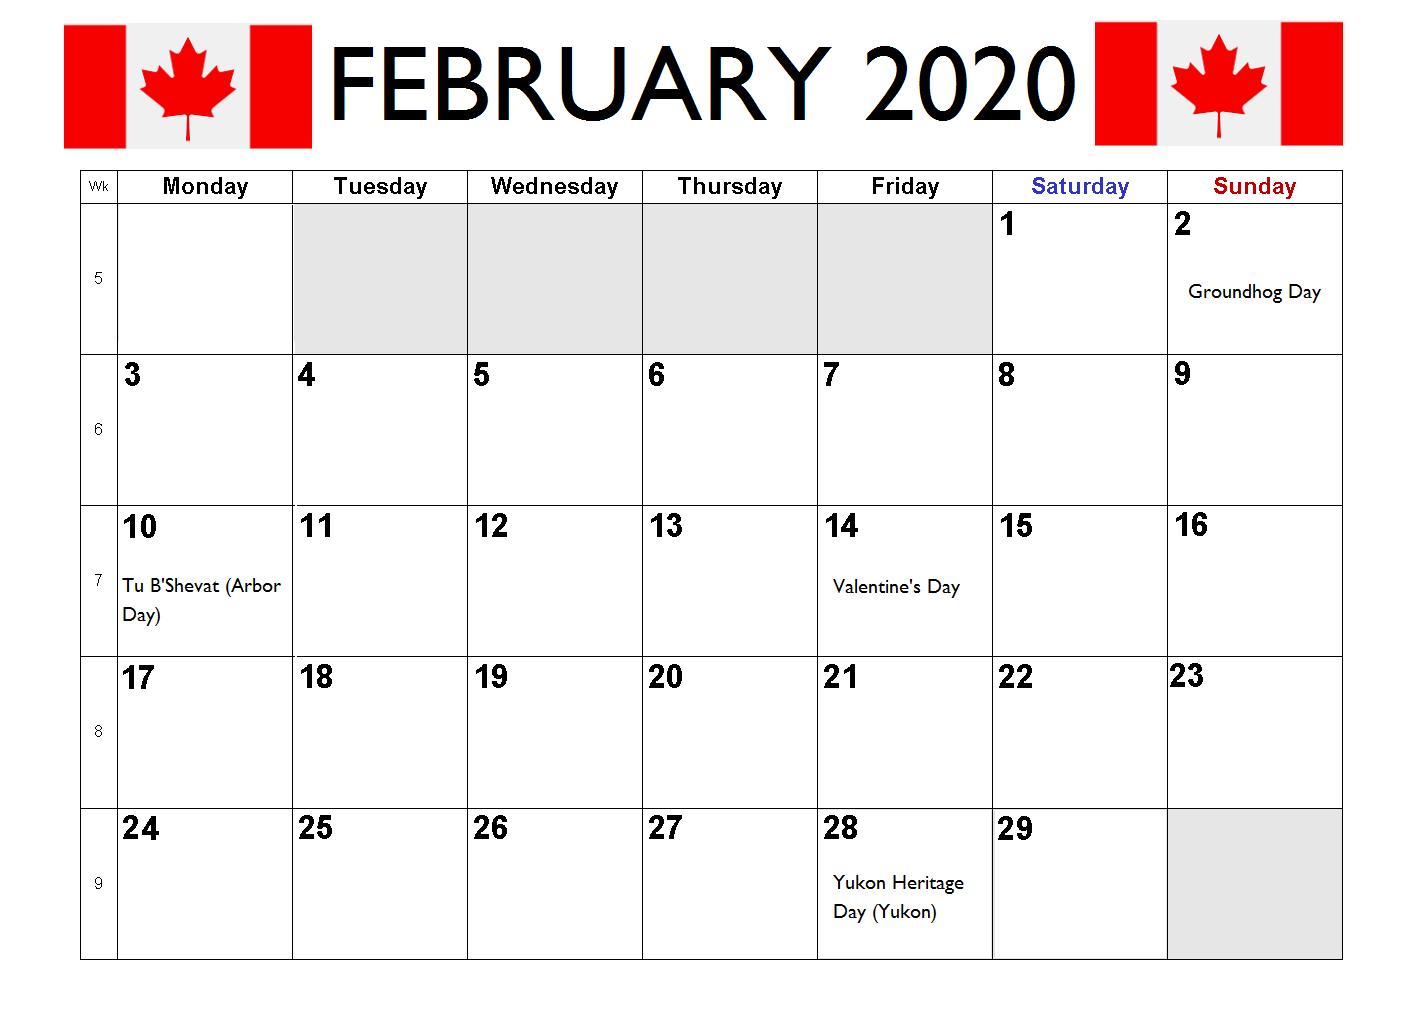 February 2020 Canada Holidays Calendar